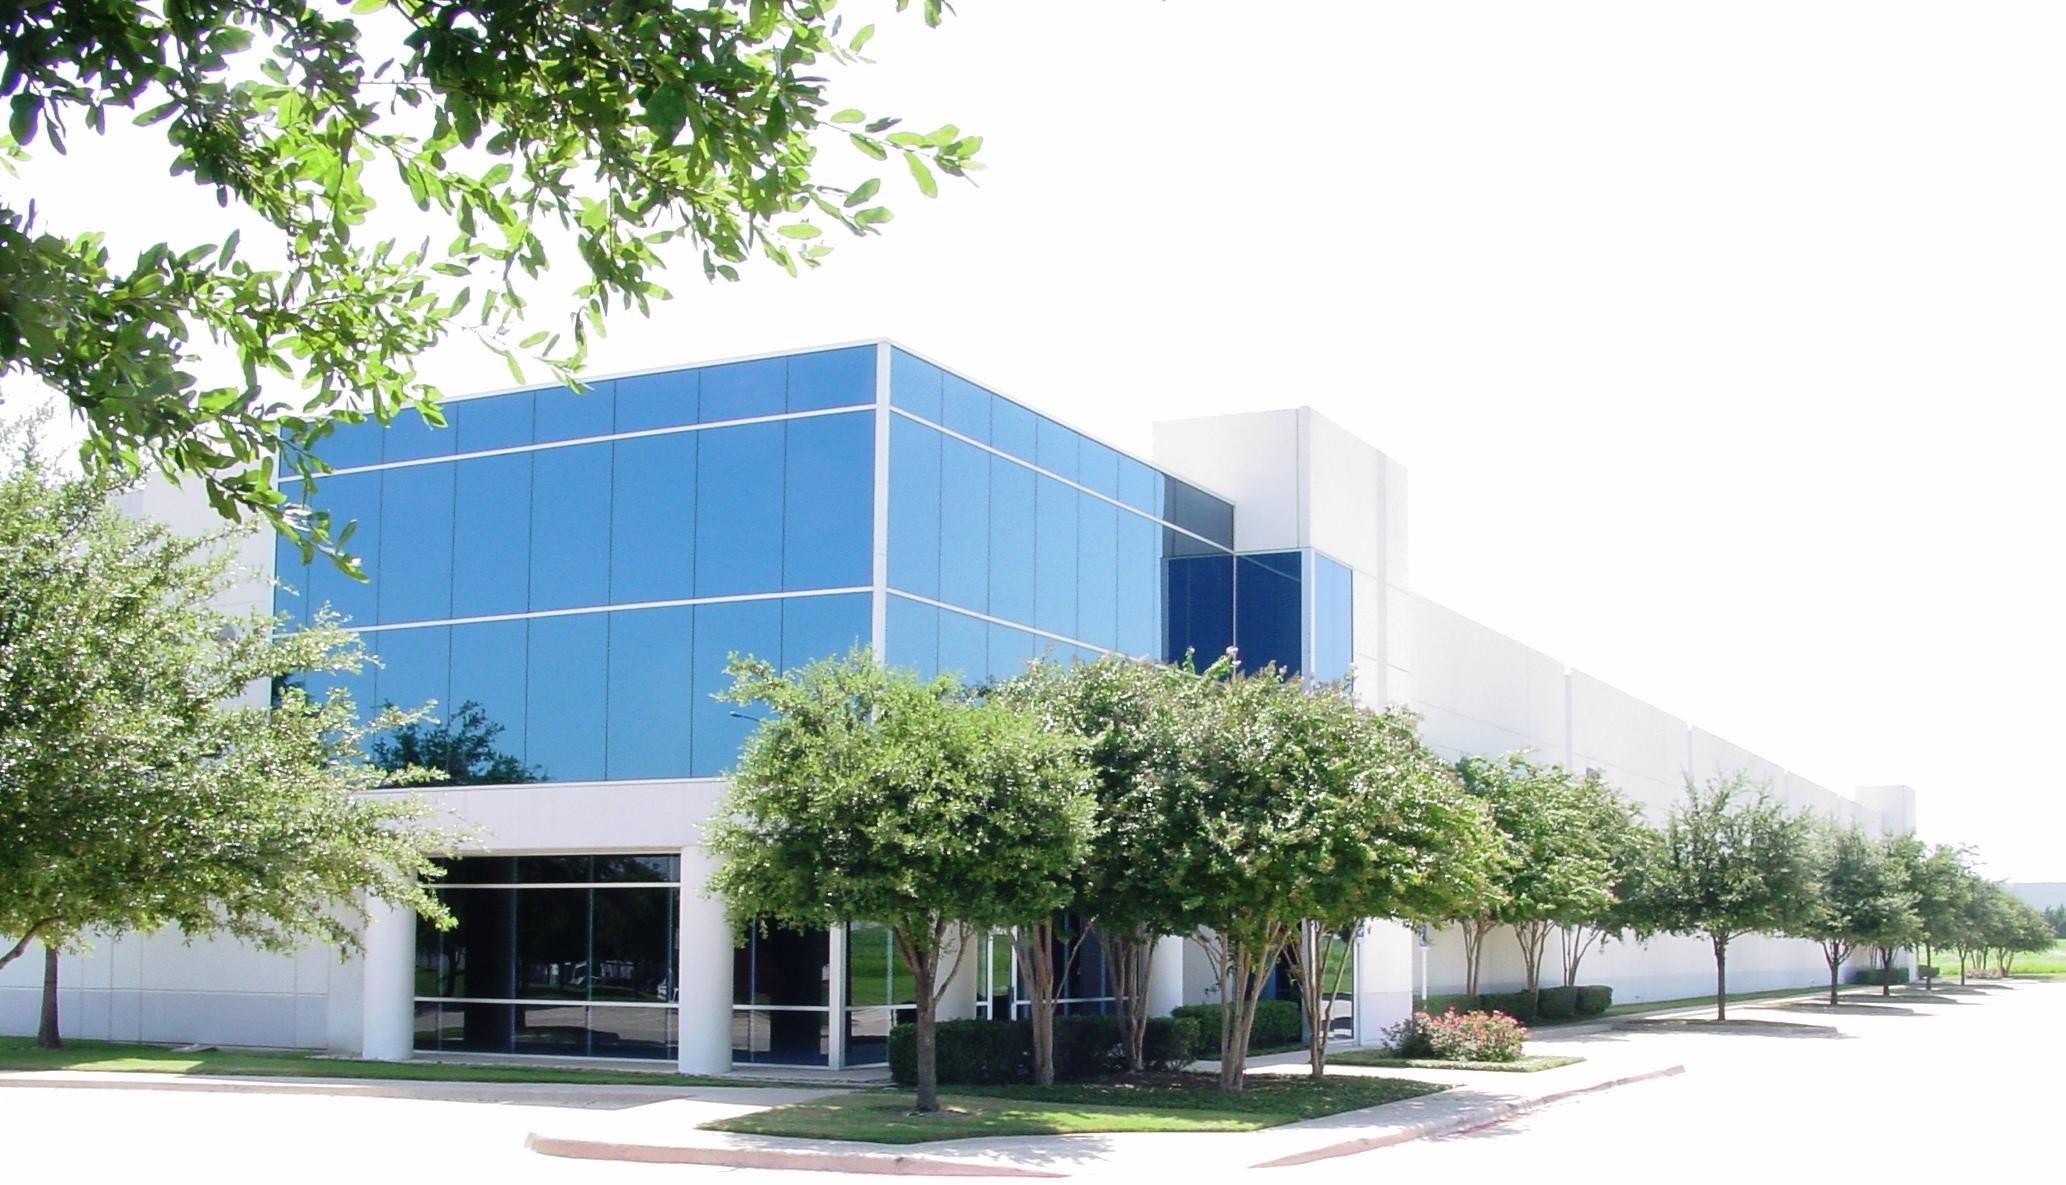 alliance gateway data center